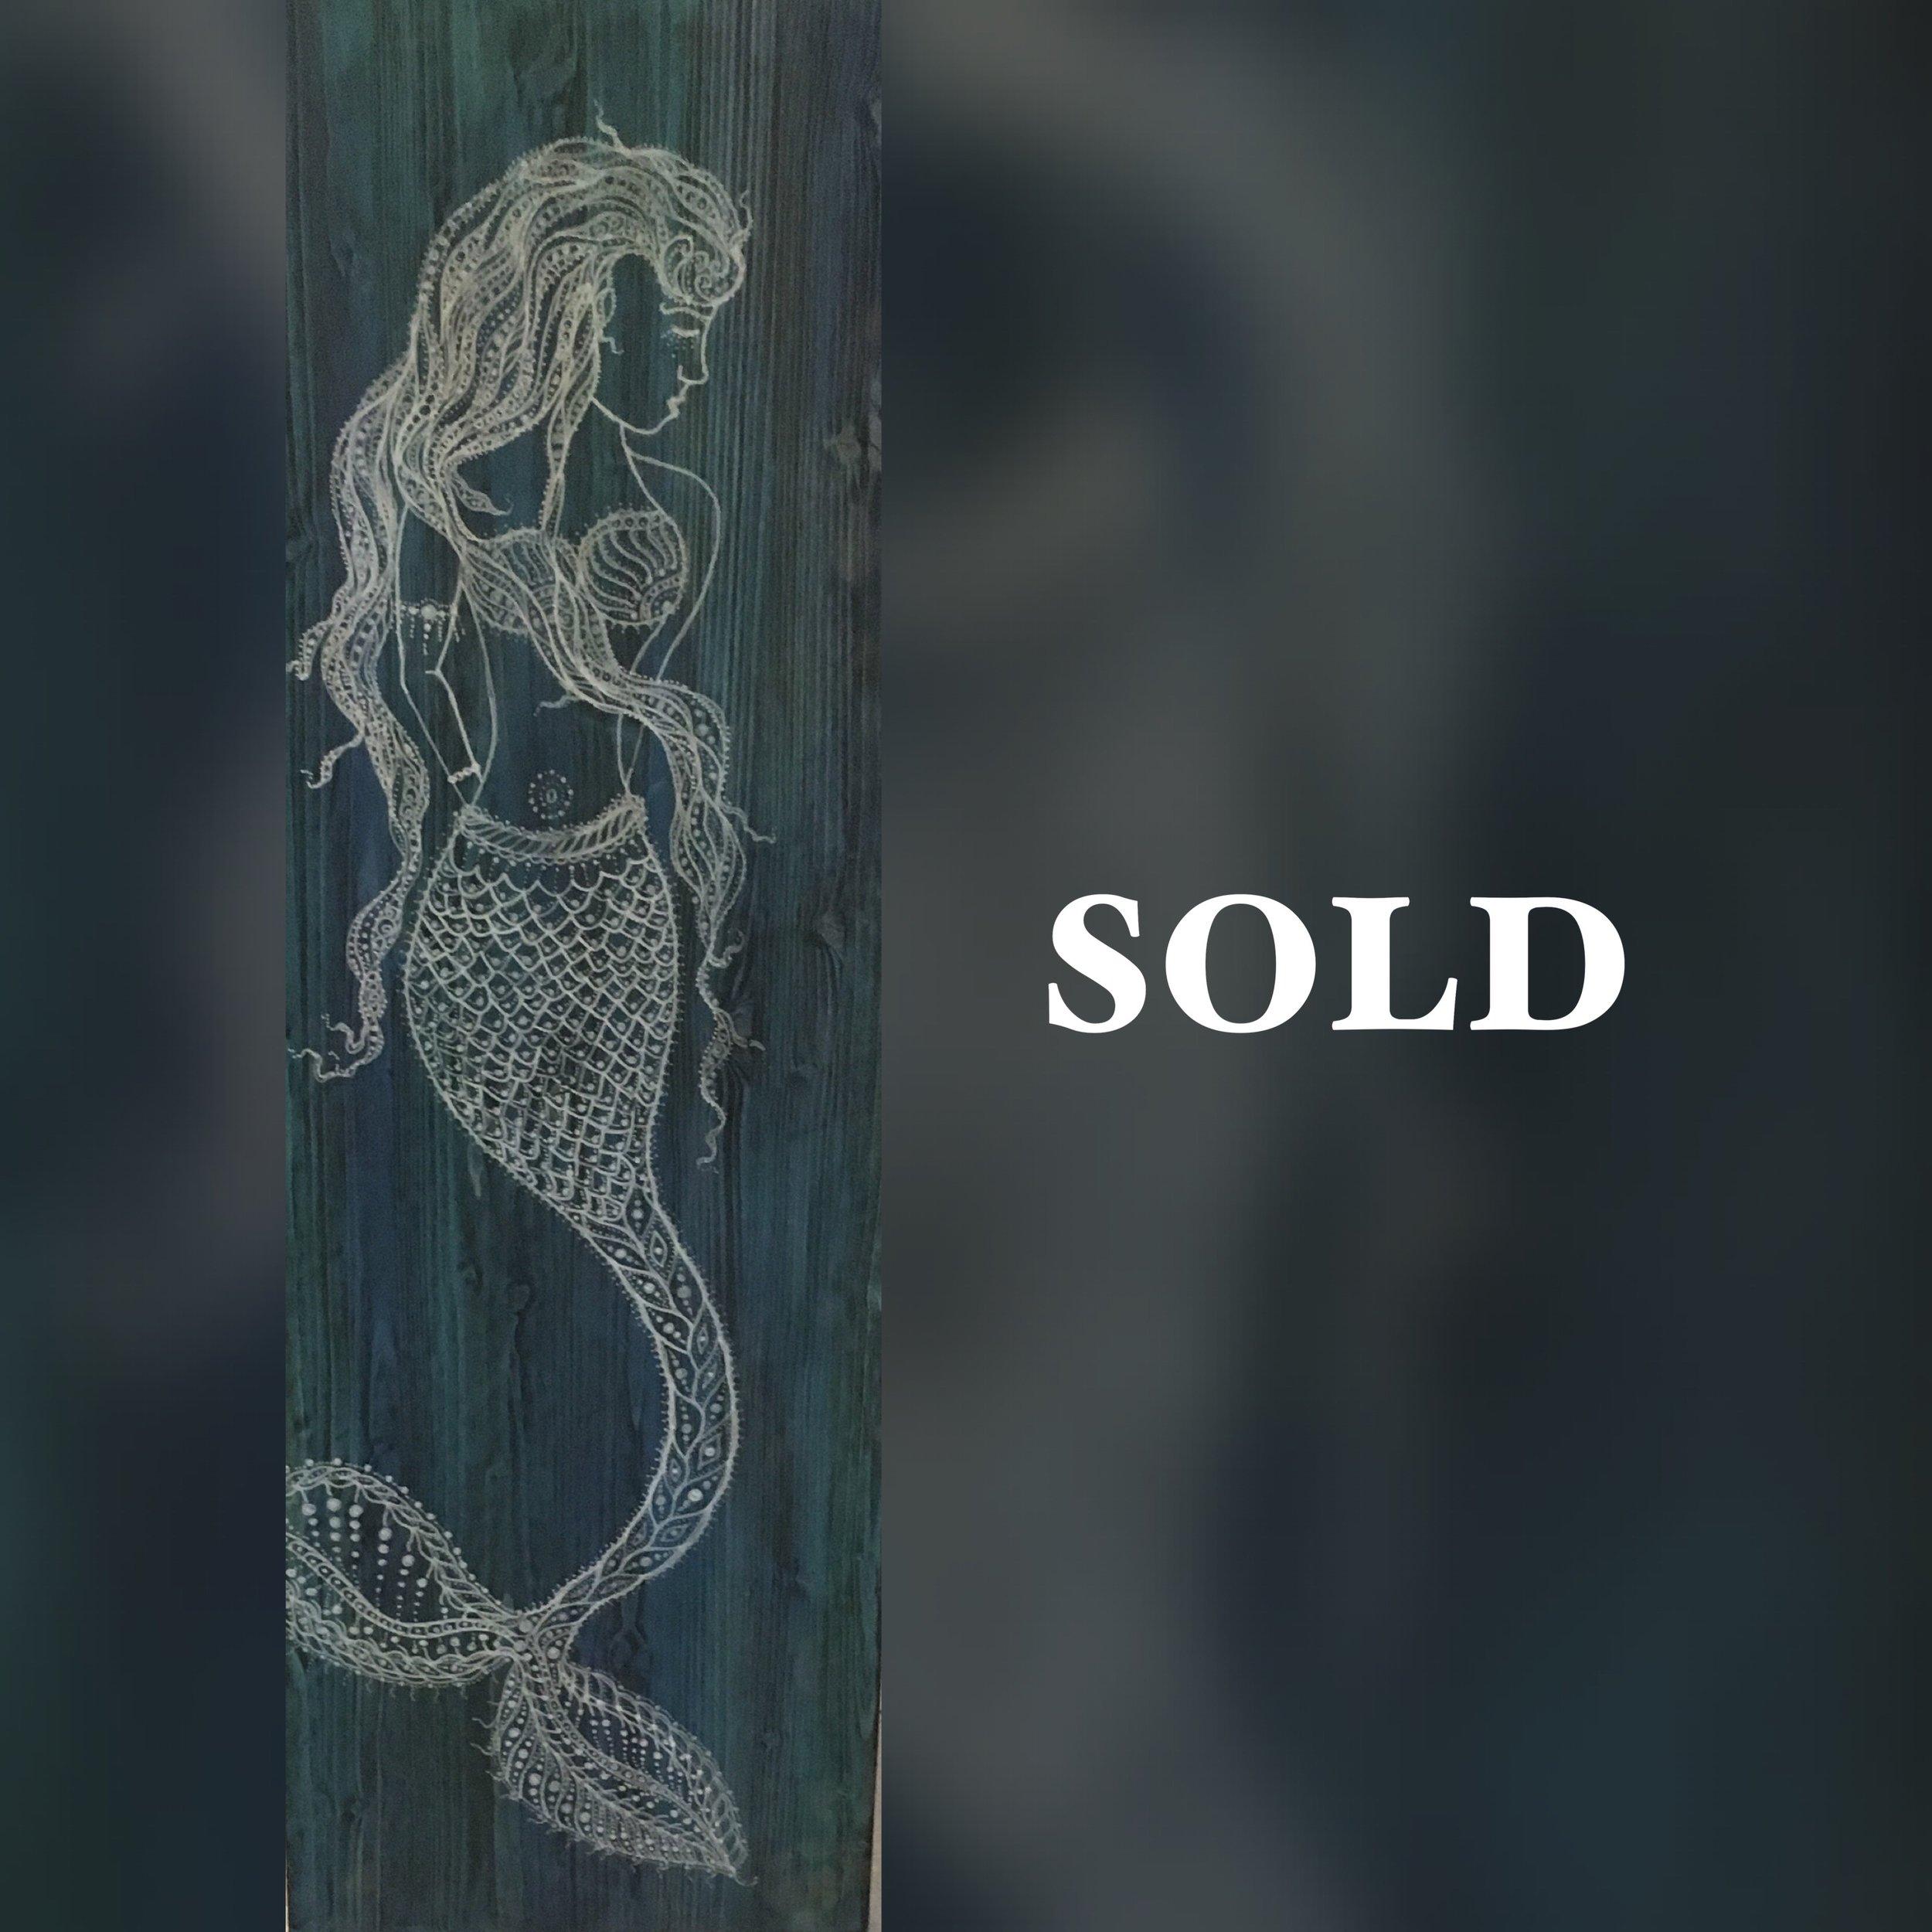 Birchwood Mermaid Sold.JPG